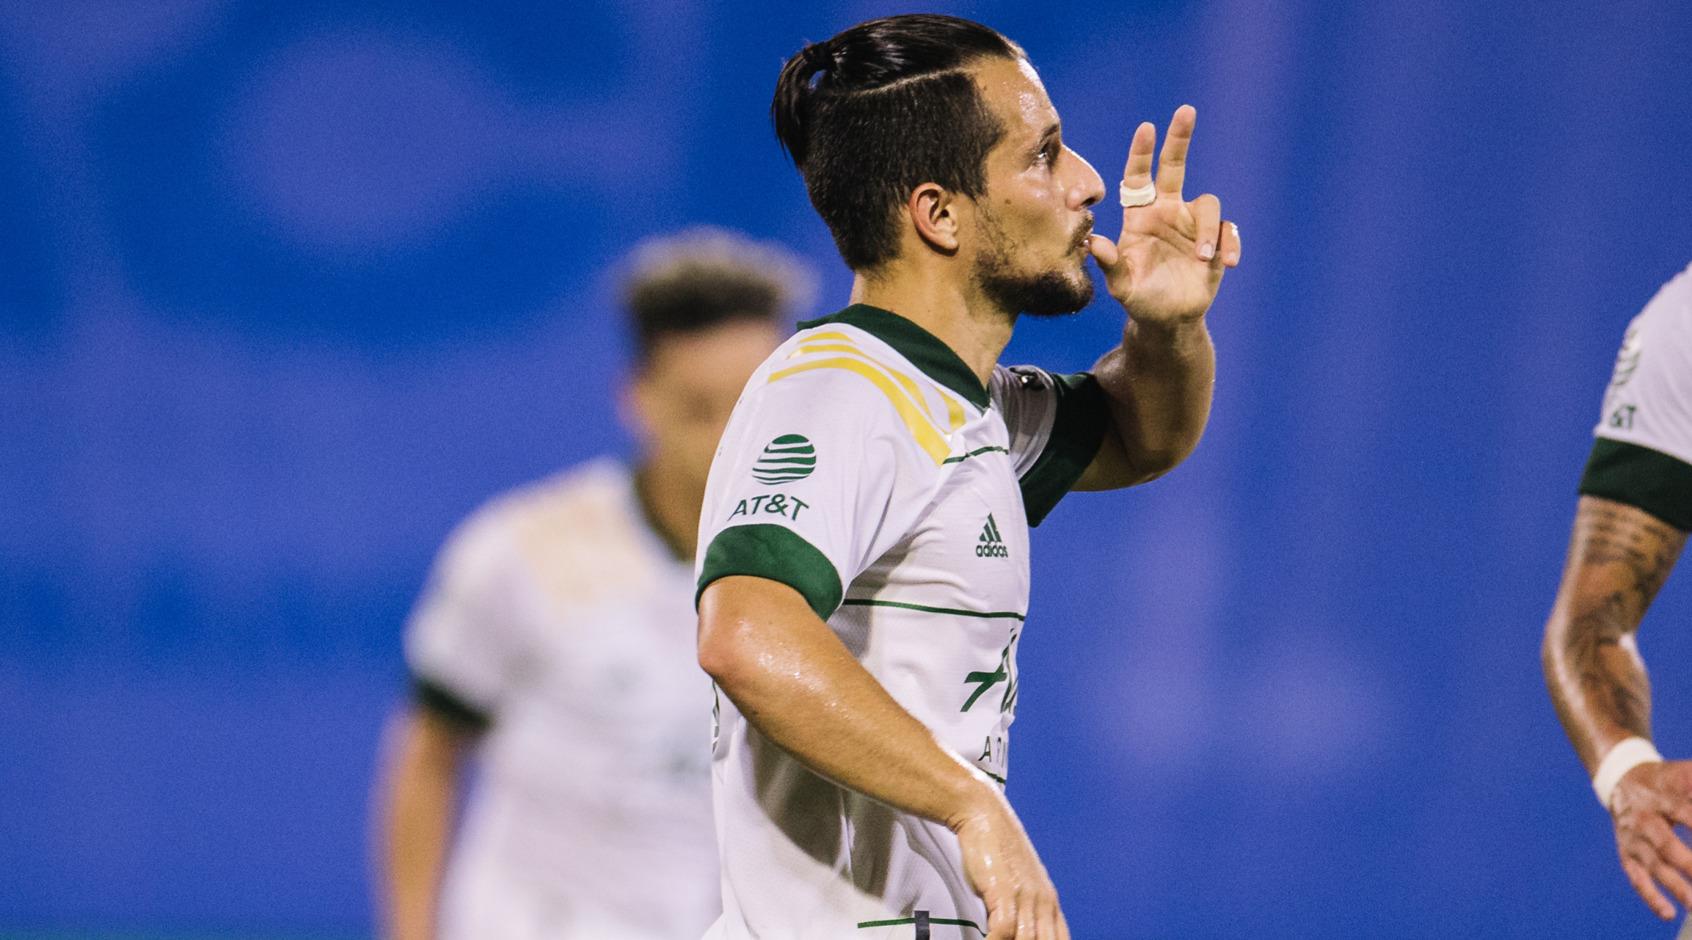 MLS is Back. 1/4 финала. Определились все полуфиналисты турнира